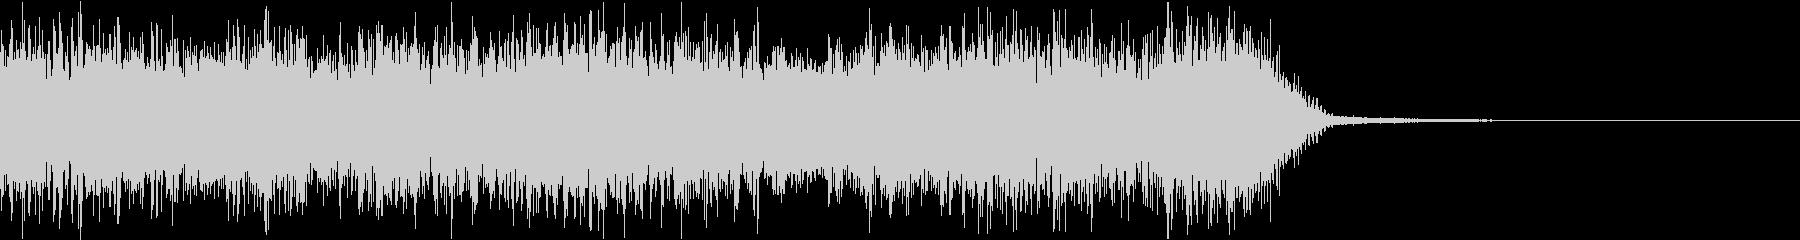 エネルギッシュ・ロックなサウンドロゴ06の未再生の波形